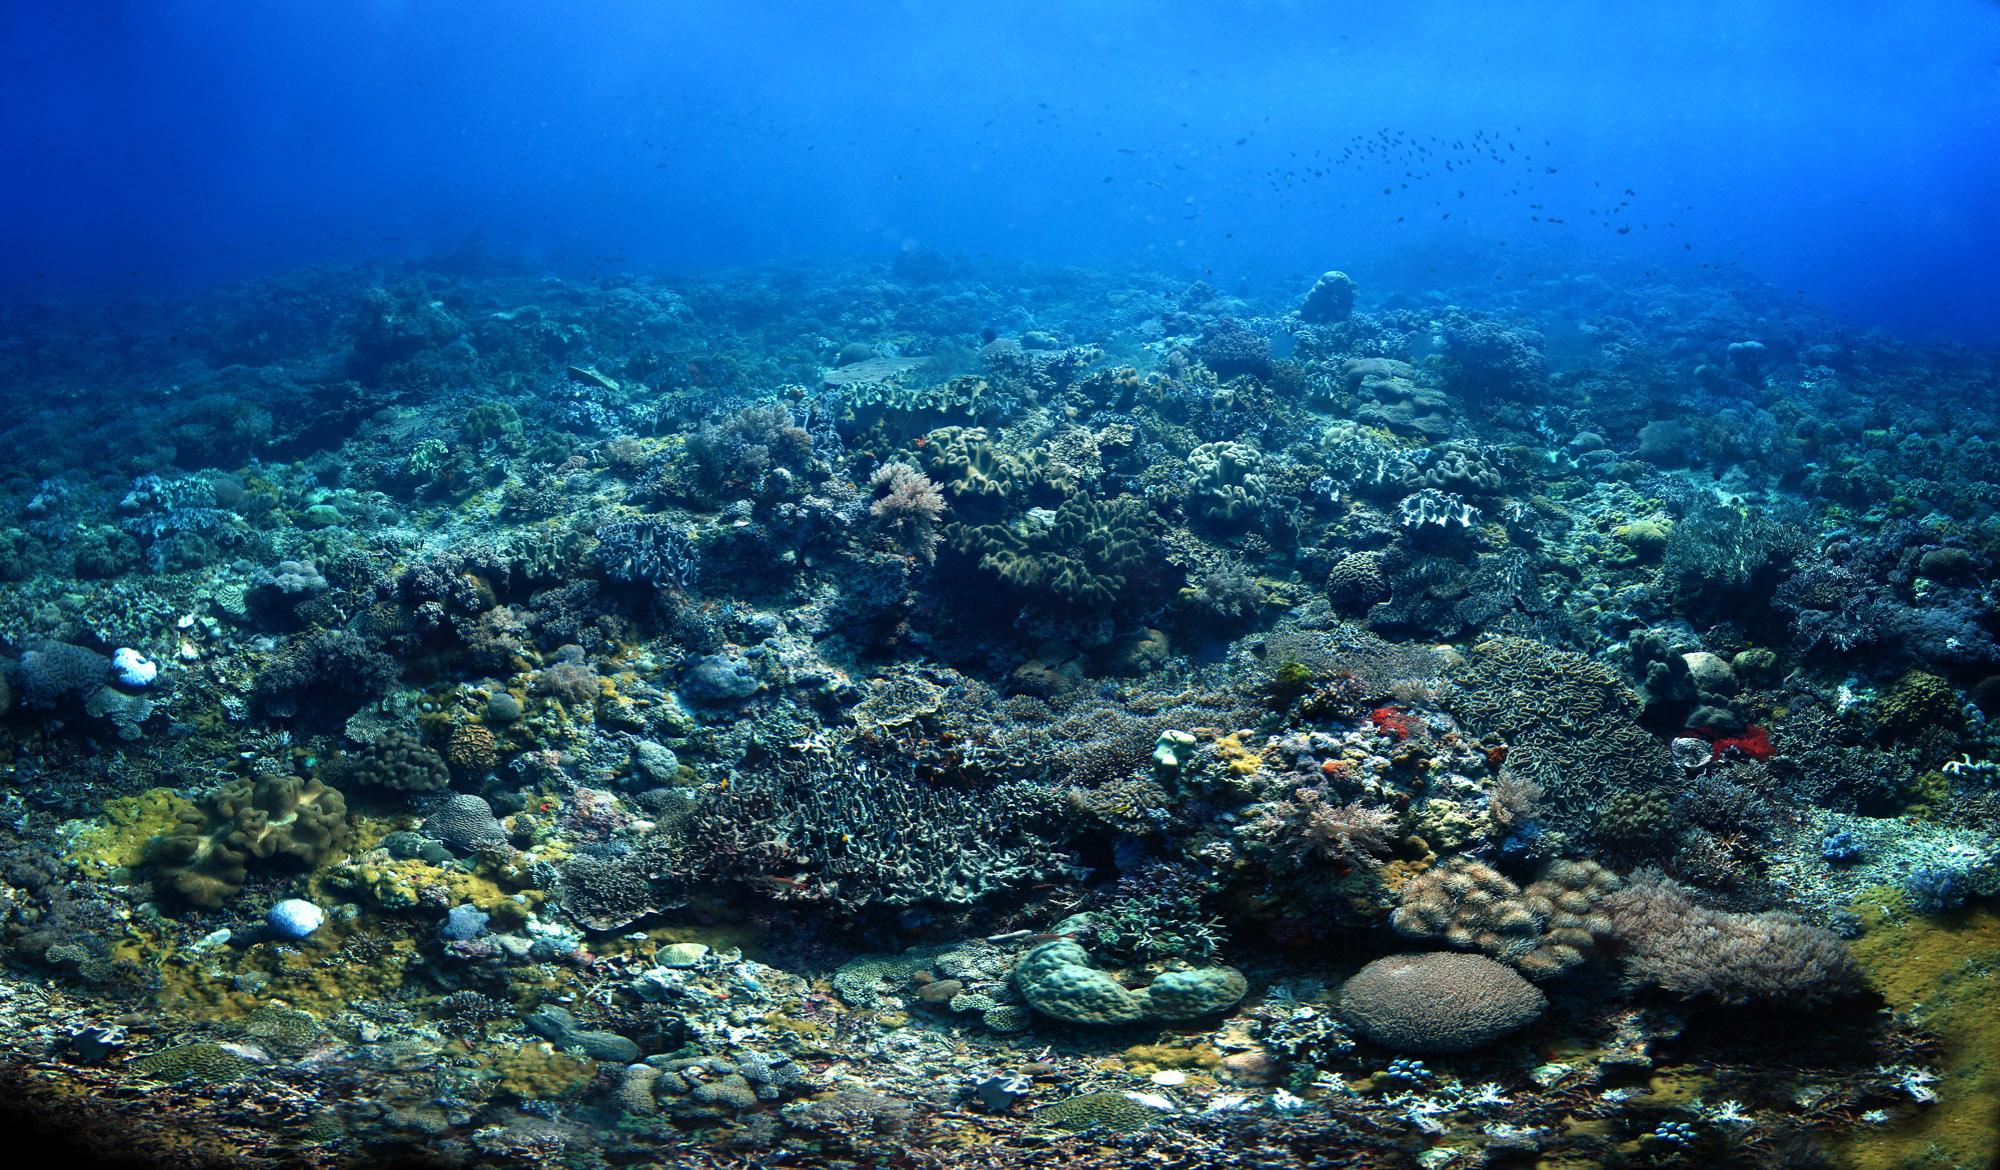 unterwater_2_v4_small.jpg